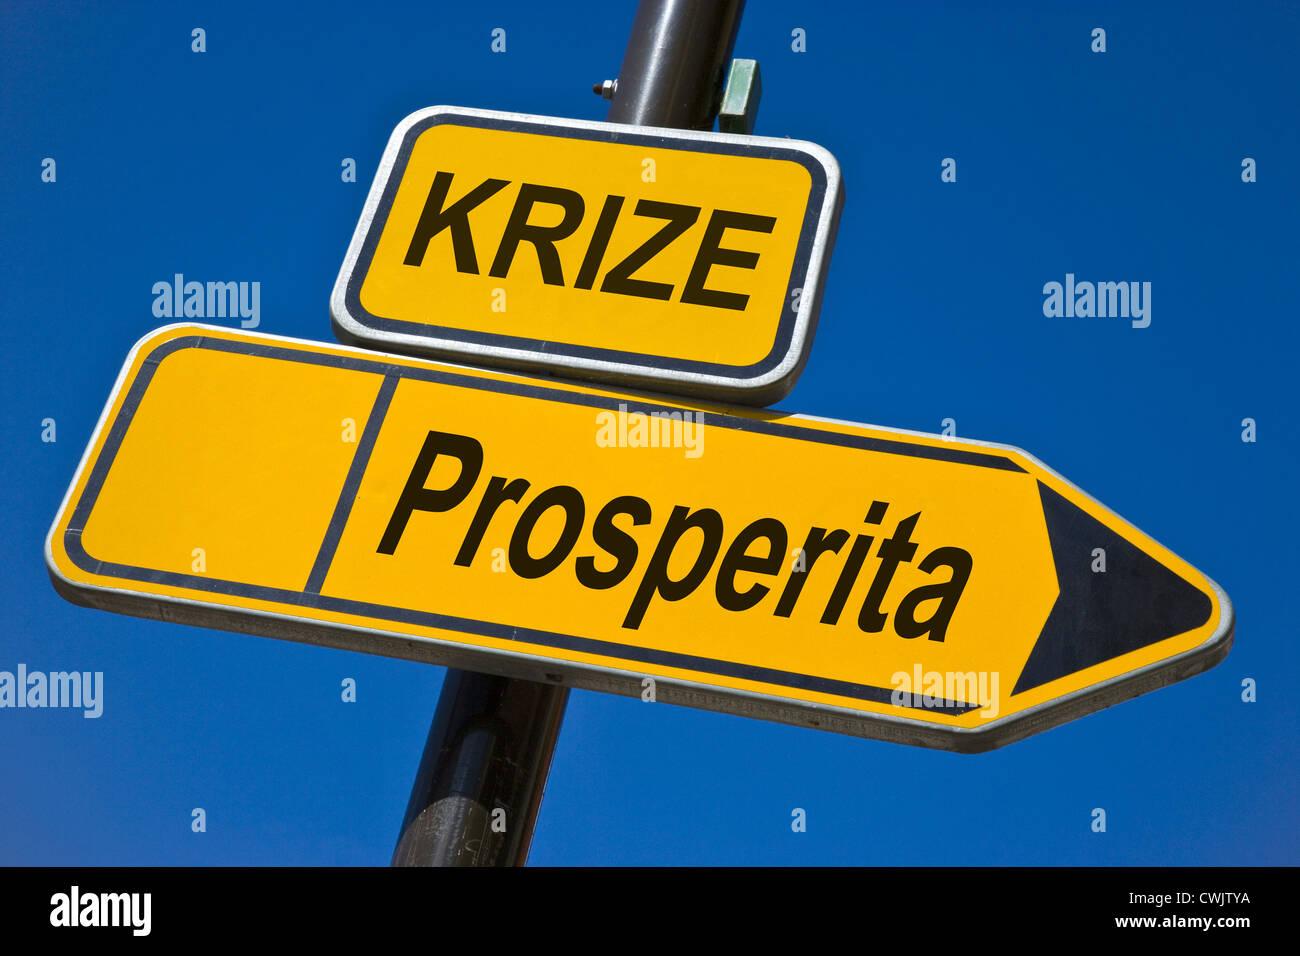 Tschechische Wirtschaft und Finanzen - Krise und des Wohlstands Stockbild